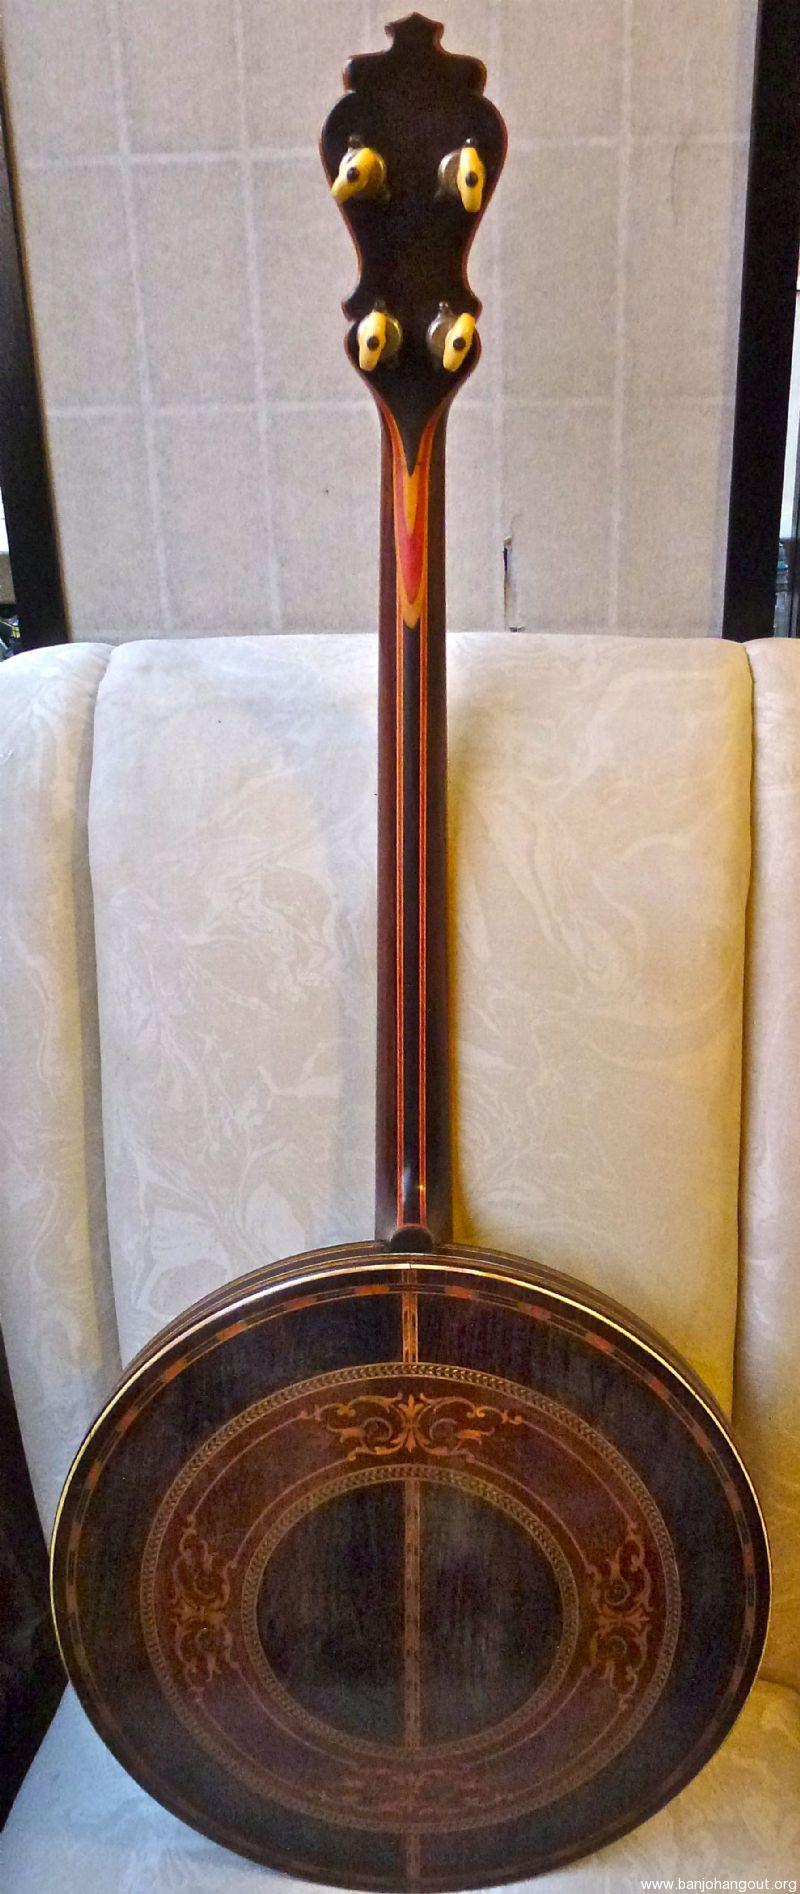 majestic vintage tenor banjo used banjo for sale at. Black Bedroom Furniture Sets. Home Design Ideas